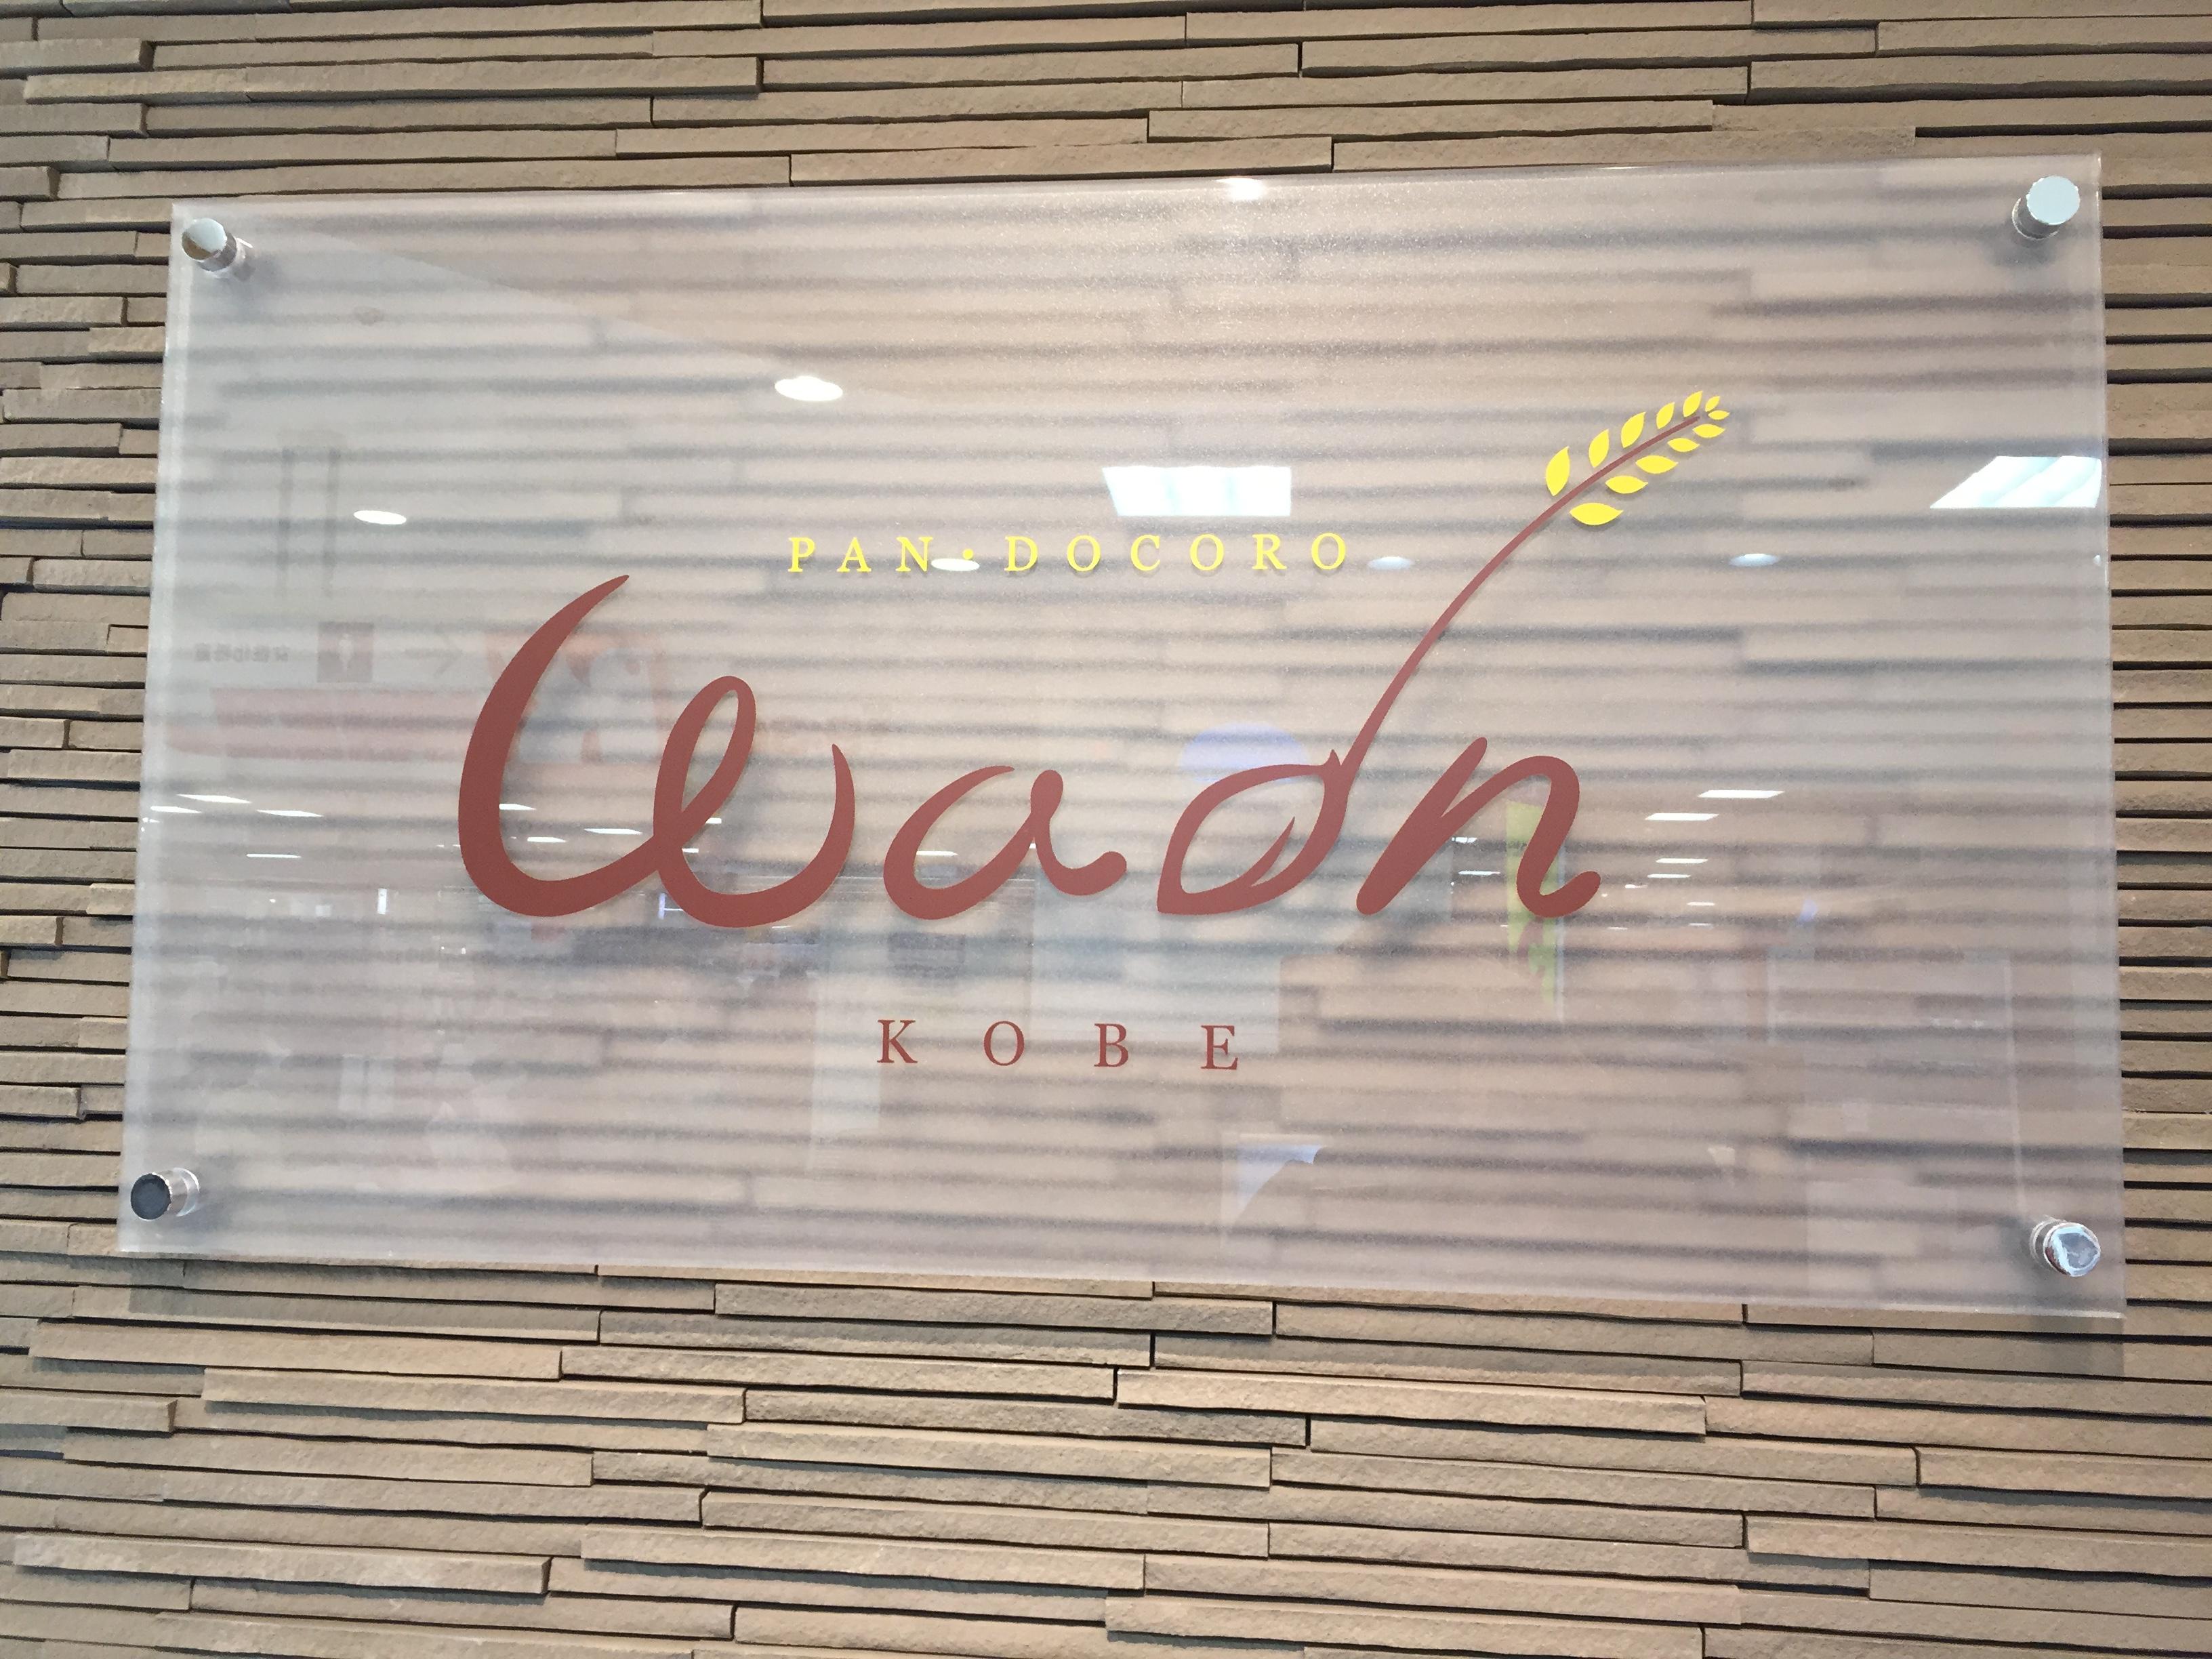 神戸・甲南山手のセルバにパン屋「KOBE PANDOCORO Waon(ワオン)」がオープン!【新規店ご紹介】